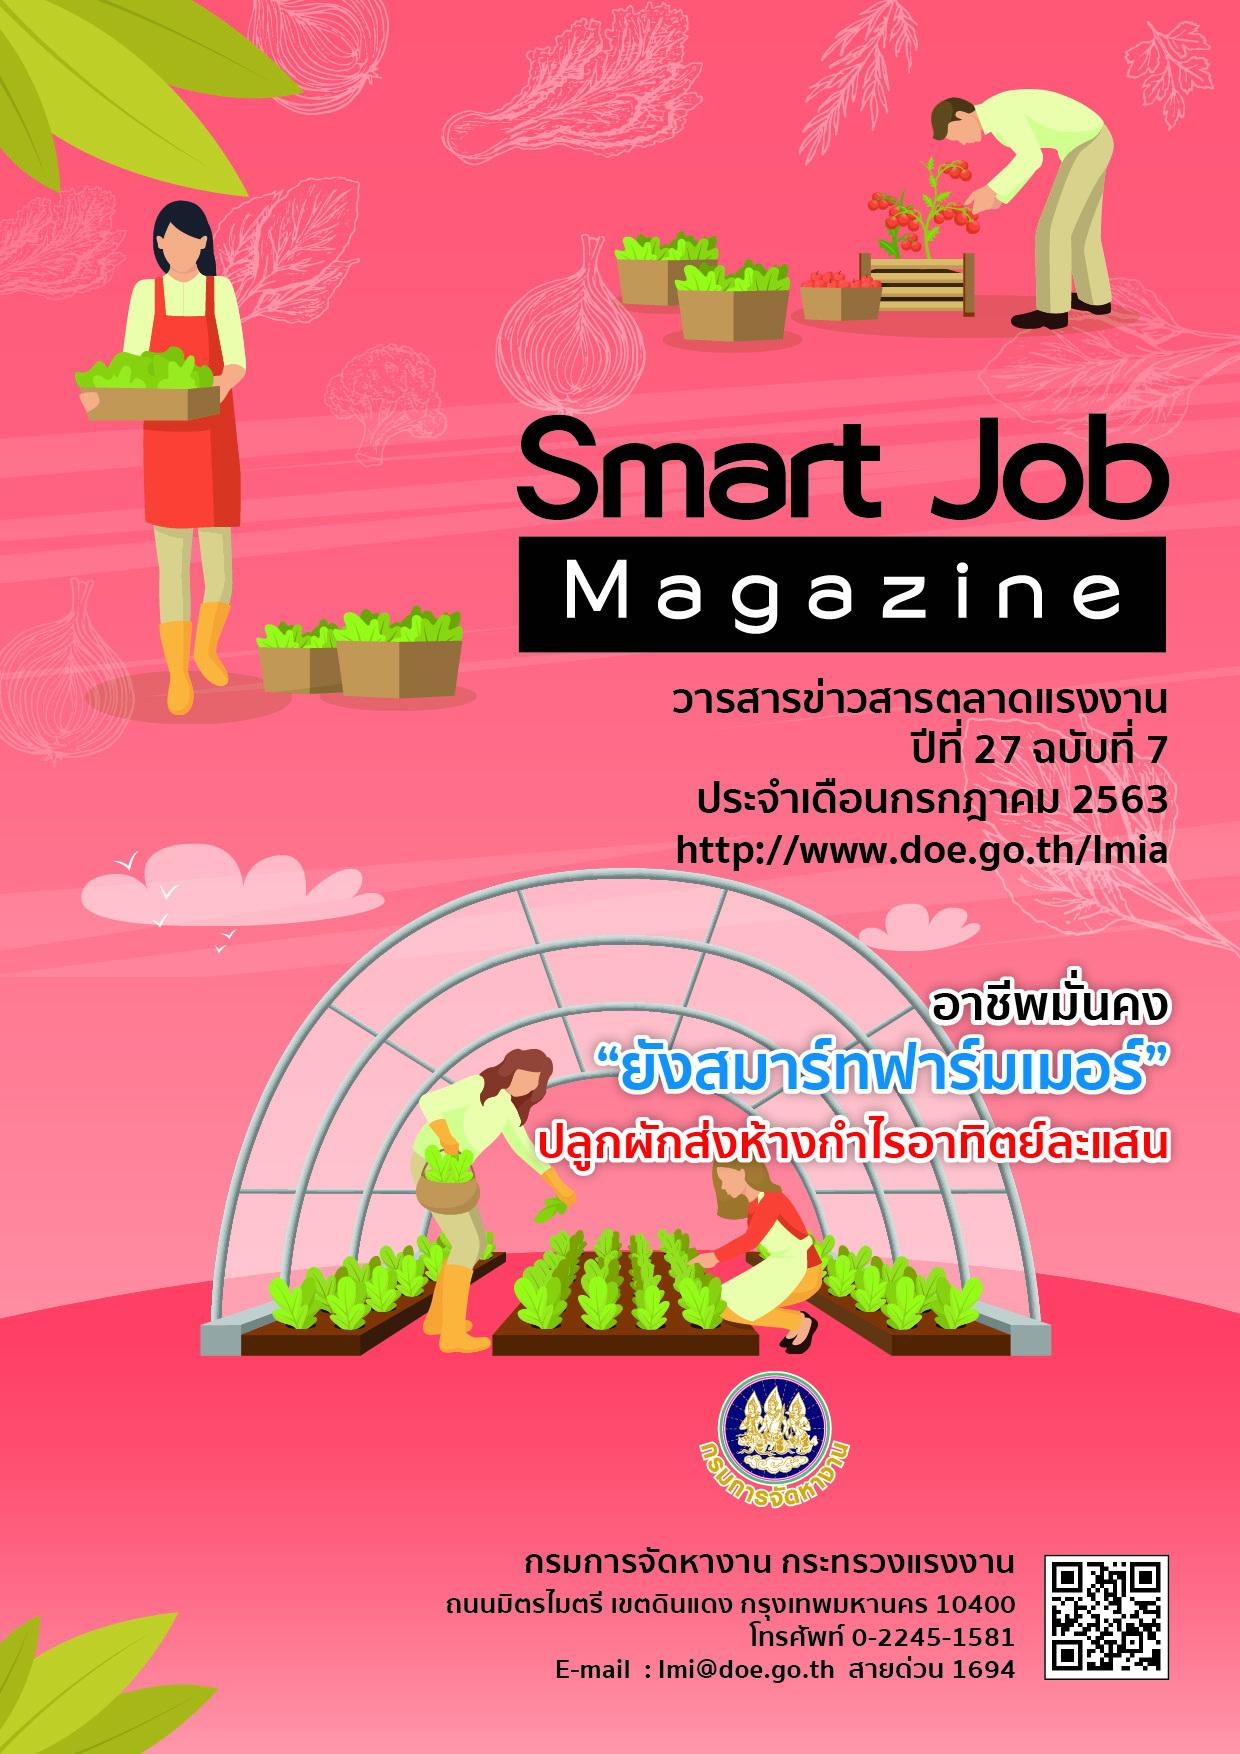 วารสารข่าวสารตลาดแรงงาน ปีที่ 27 ฉบับที่ 7 เดือนกรกฎาคม 2563